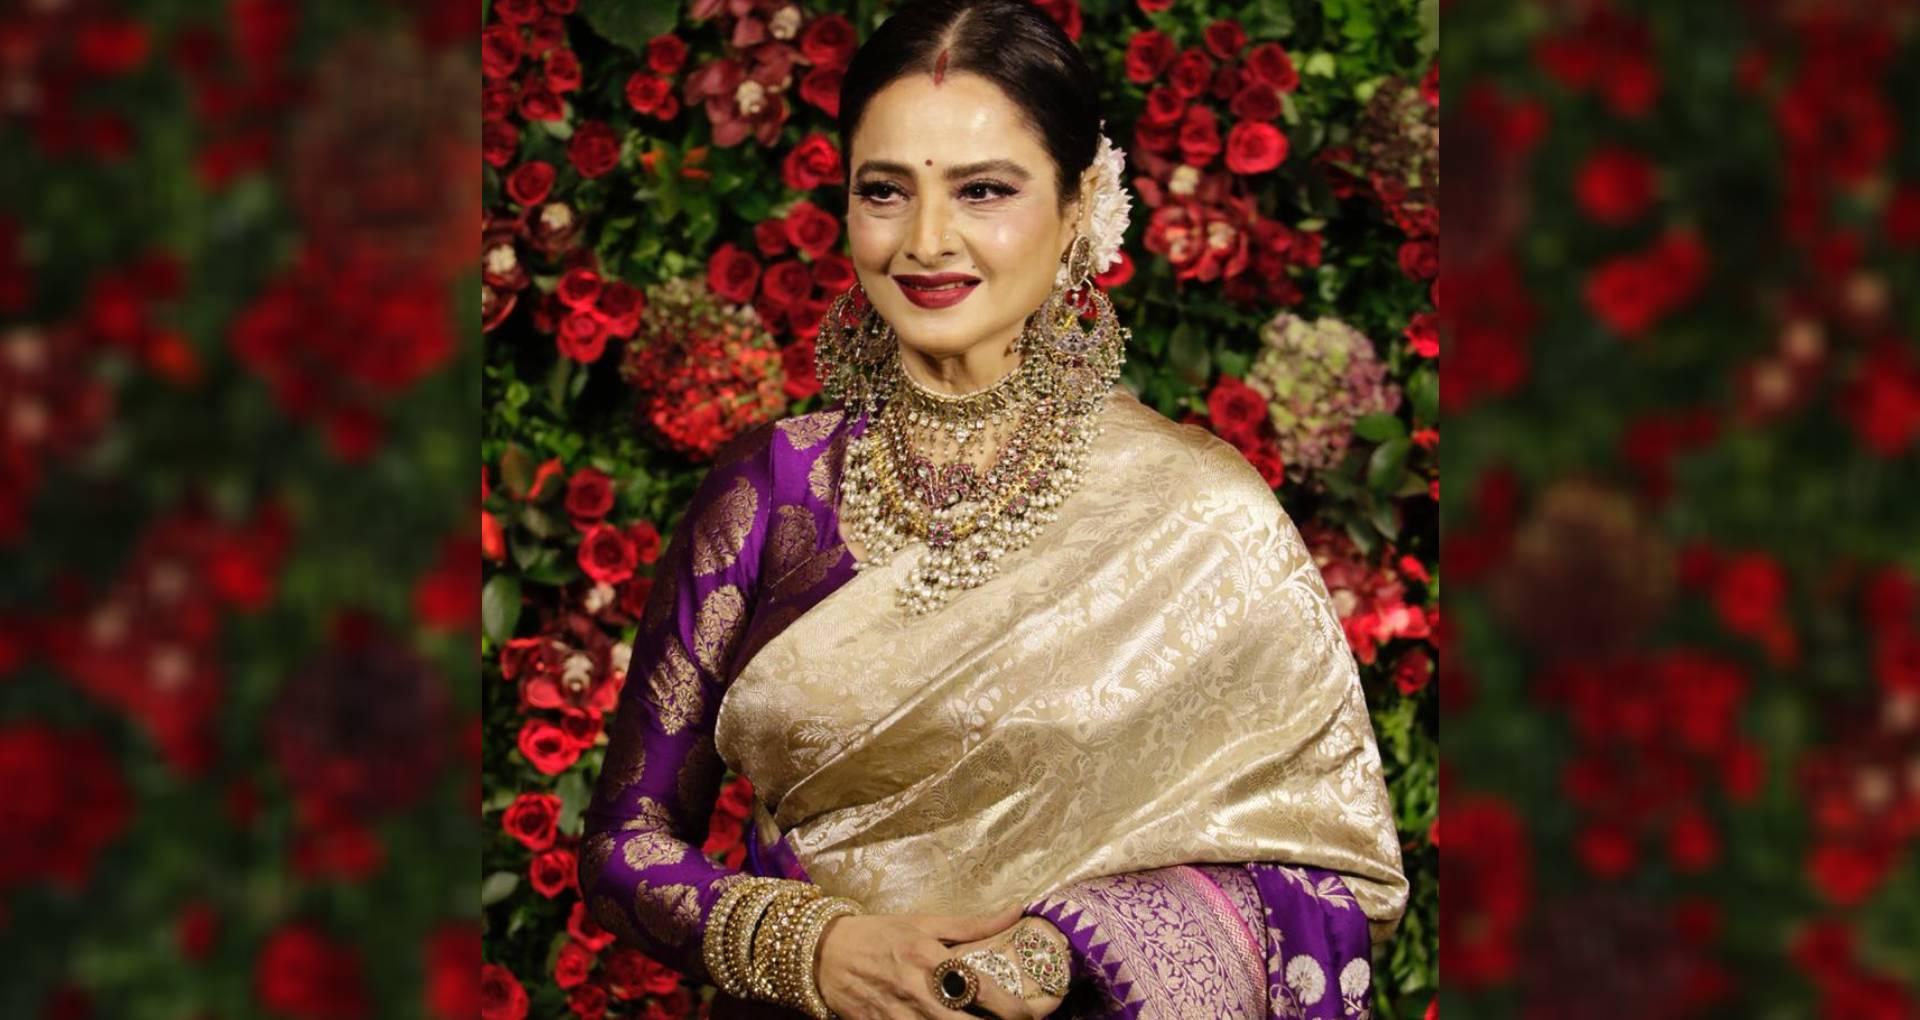 Rekha Birthday: कभी सांवले रंग की वजह से नहीं मिलता था काम, ऐसे बनी बॉलीवुड में खूबसूरती की मिसाल